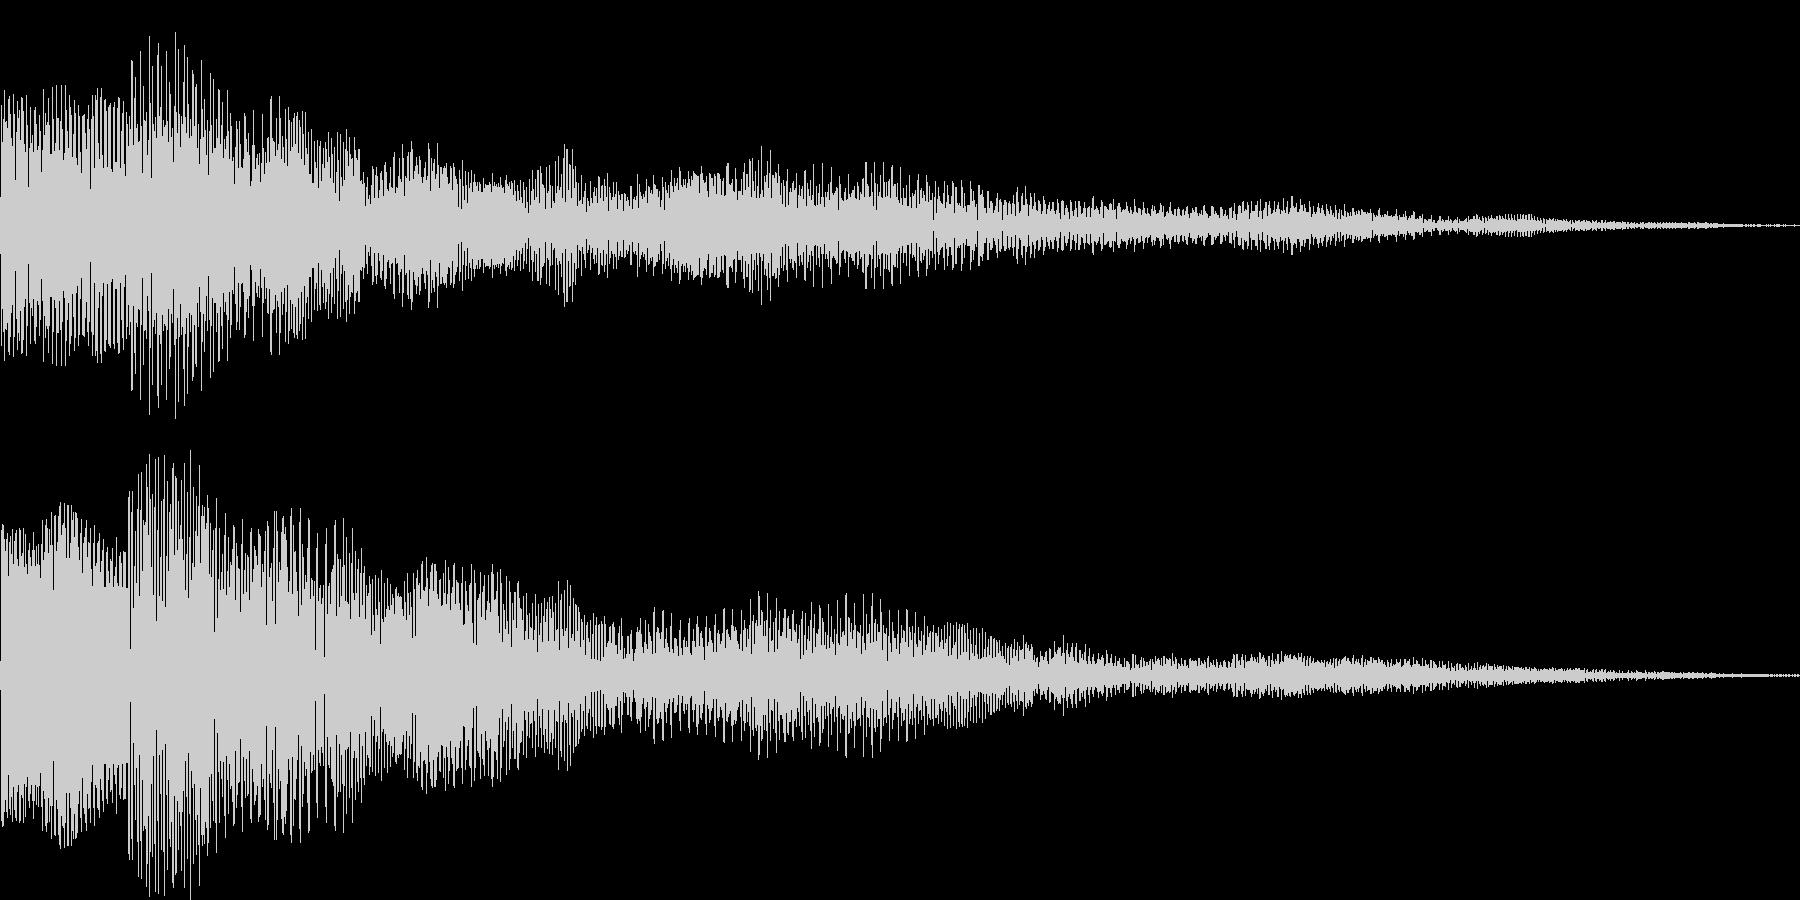 ぽぽーん シネマティック サウンドロゴの未再生の波形